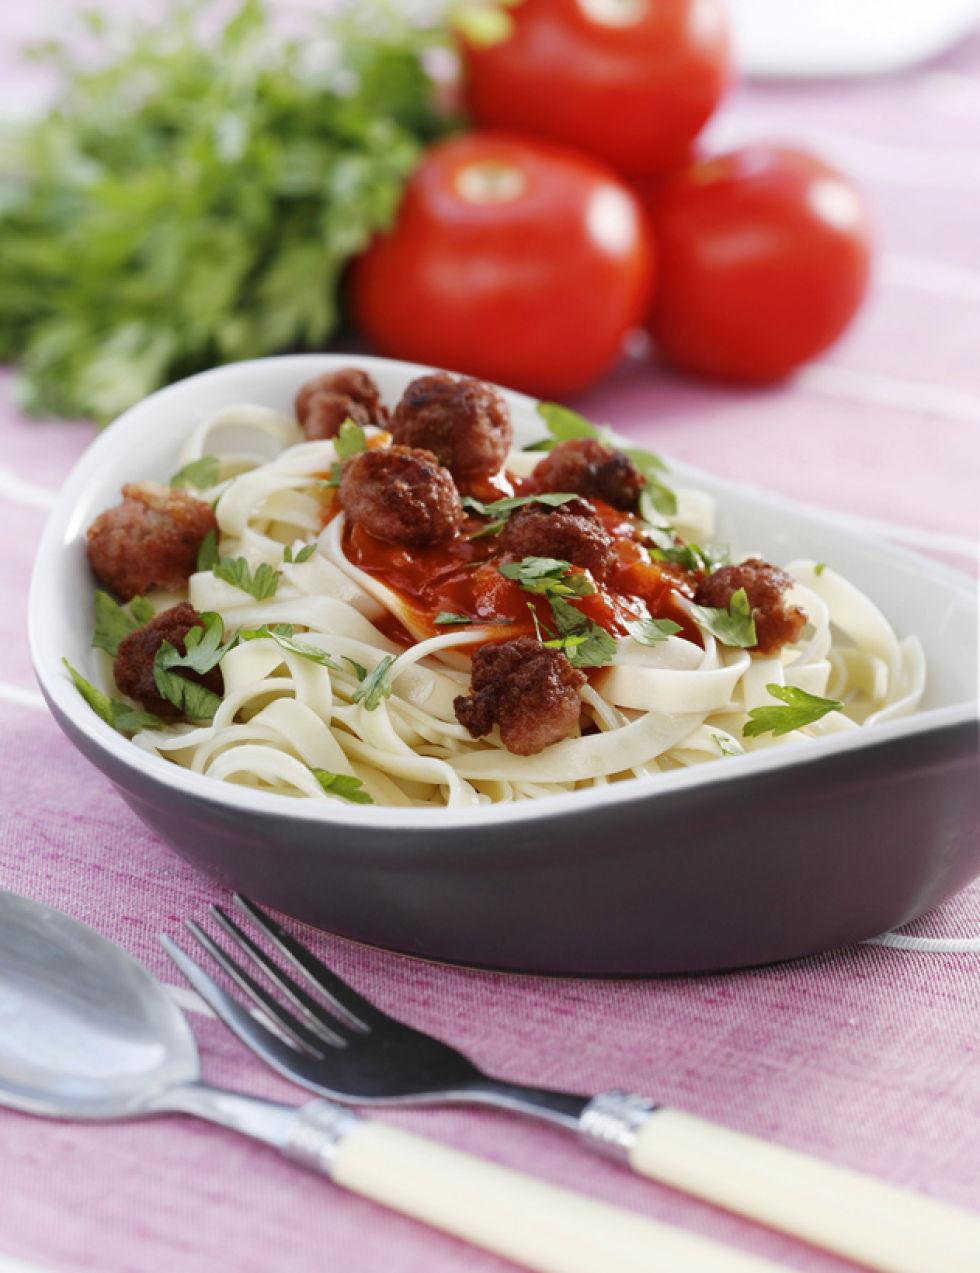 unos espaguetis con albndigas siempre es una receta del gusto de todos fcil y barato